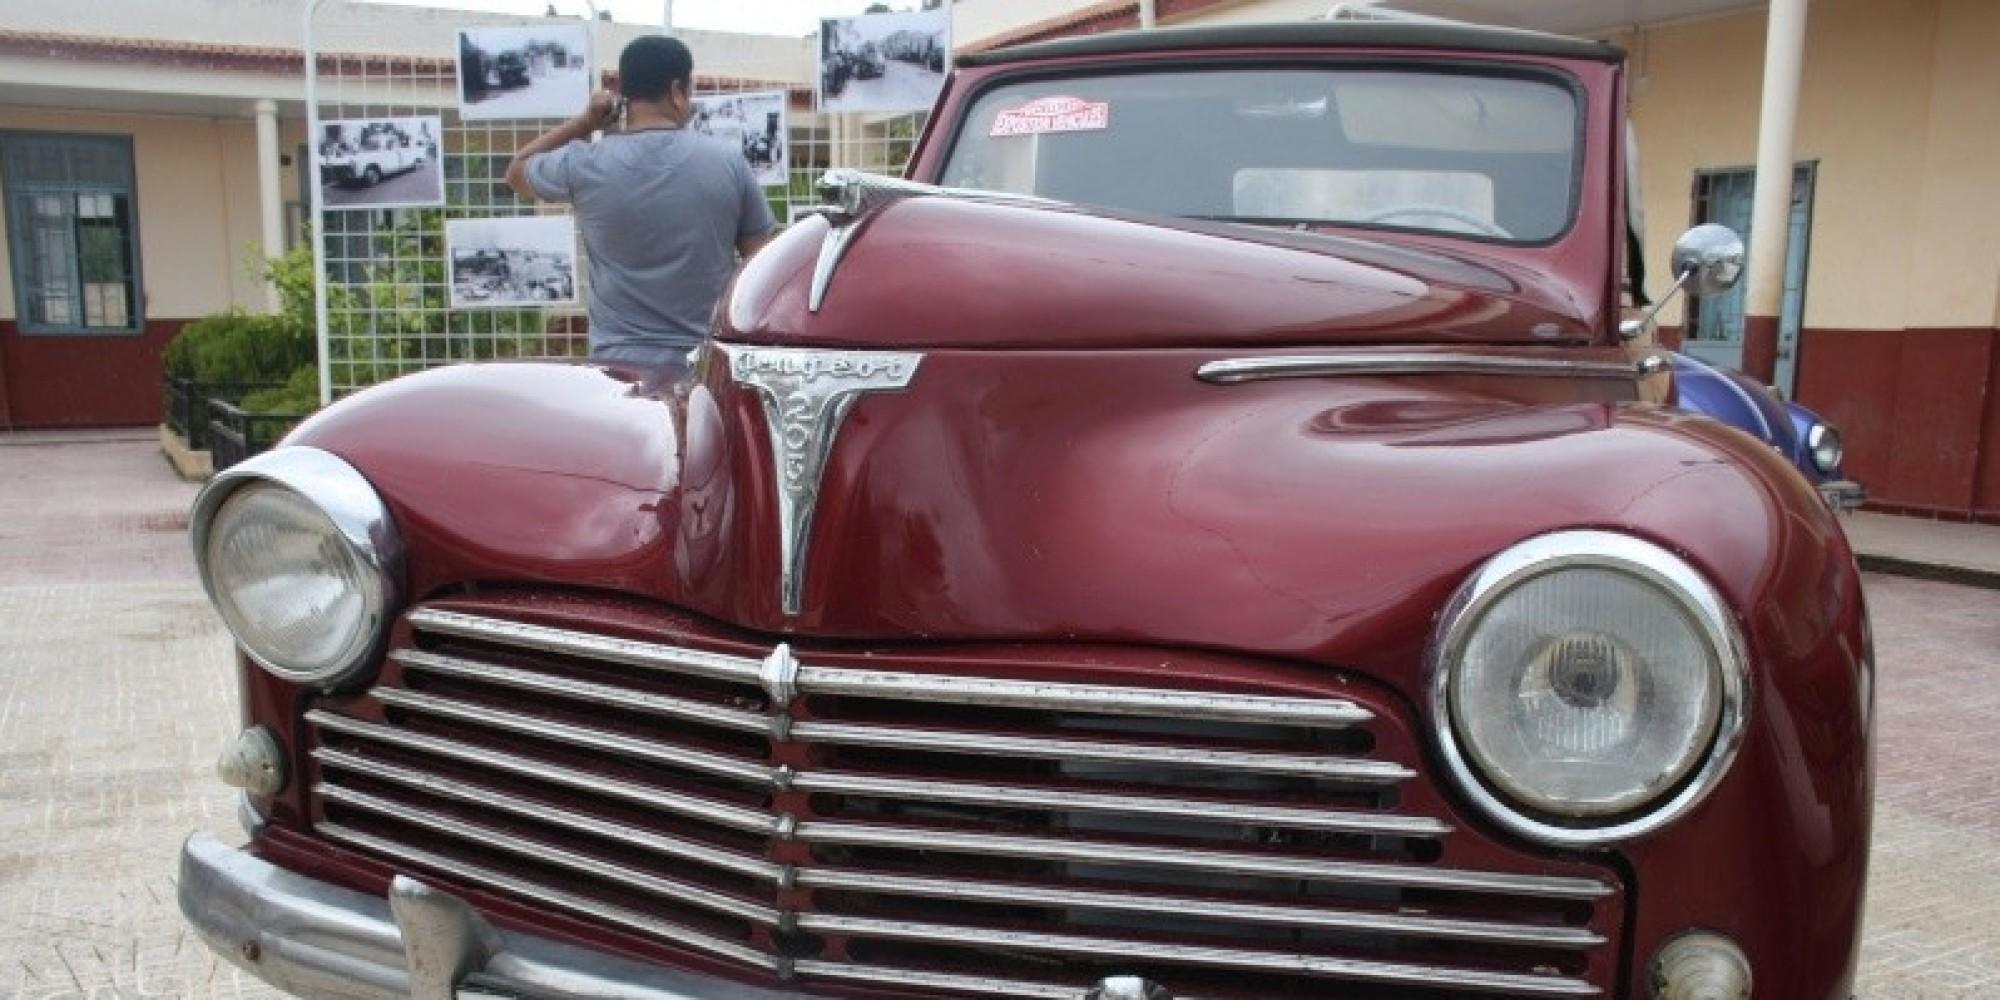 Un salon de voitures anciennes tlemcen for Salon vieilles voitures